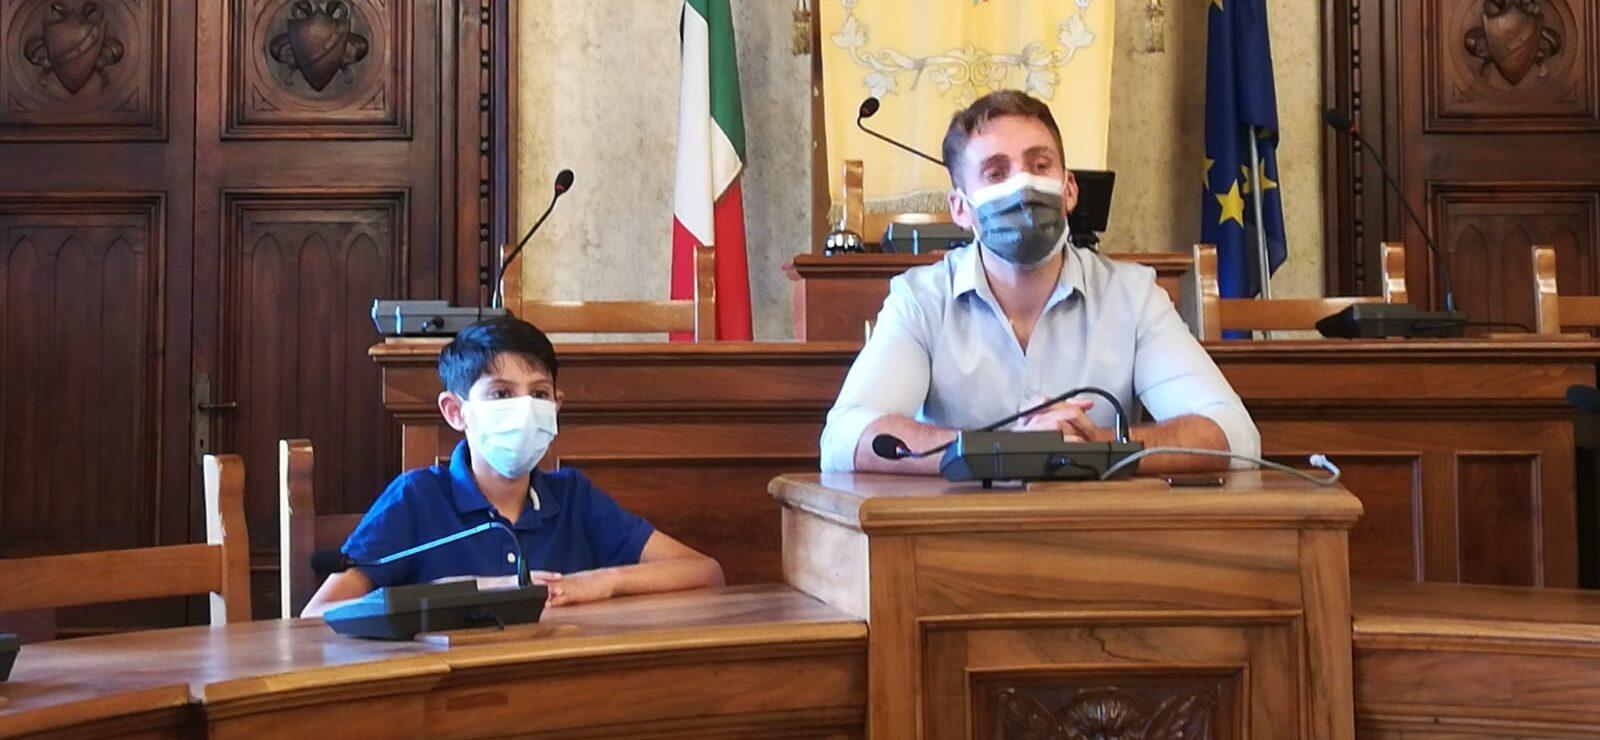 """""""Performer Italia cup 2021"""", il vincitore accolto in Municipio. Simonelli: """"Il giovane Bracone è un talento con grandi idee"""""""